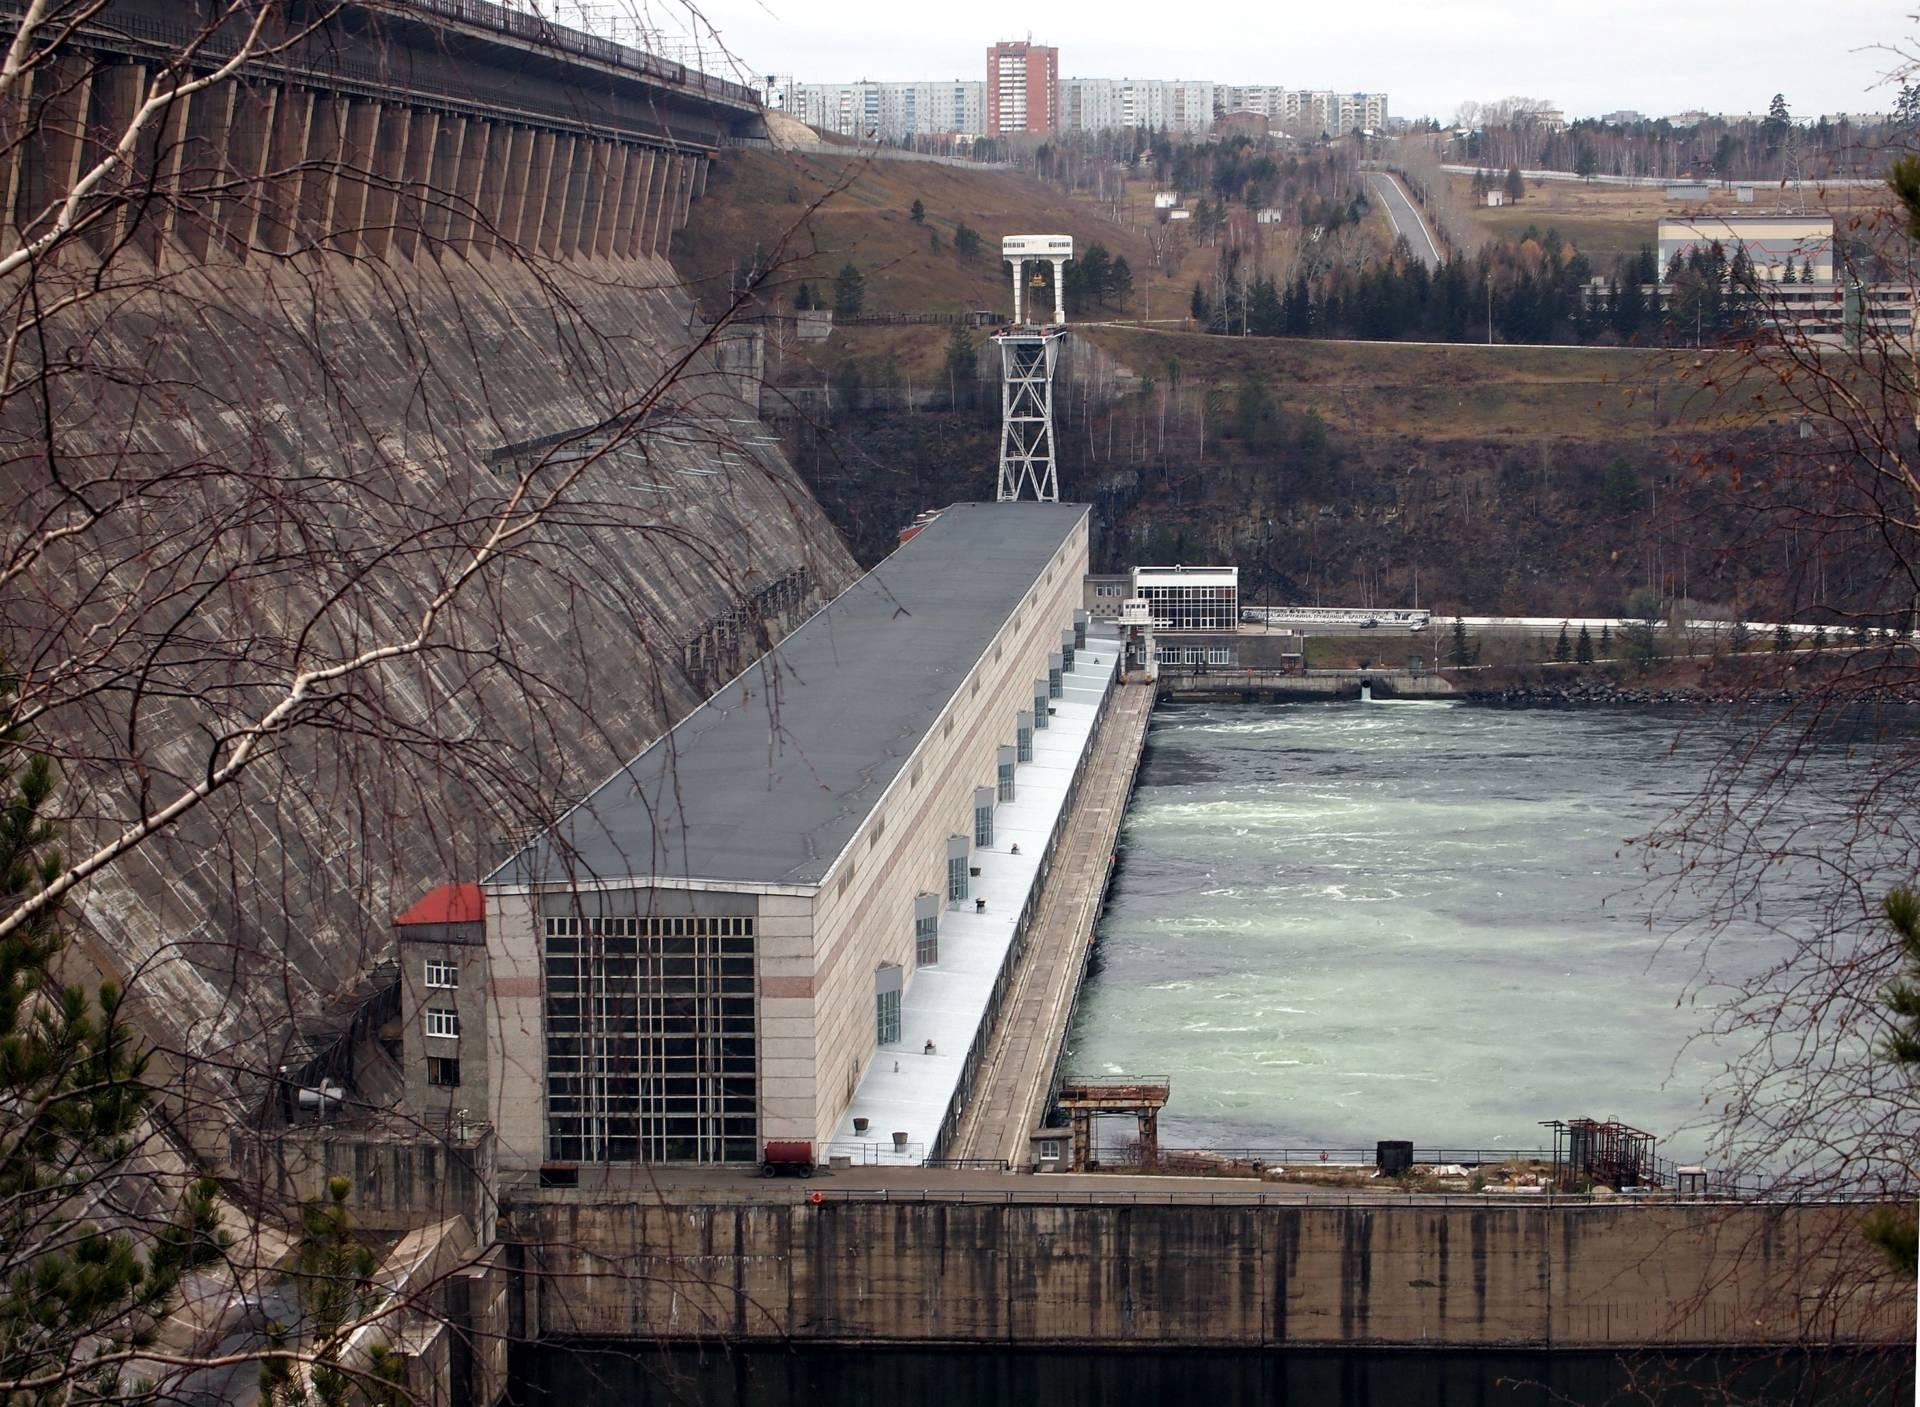 I bitcoin estratti dall'acqua: una centrale idroelettrica abbandonata si converte